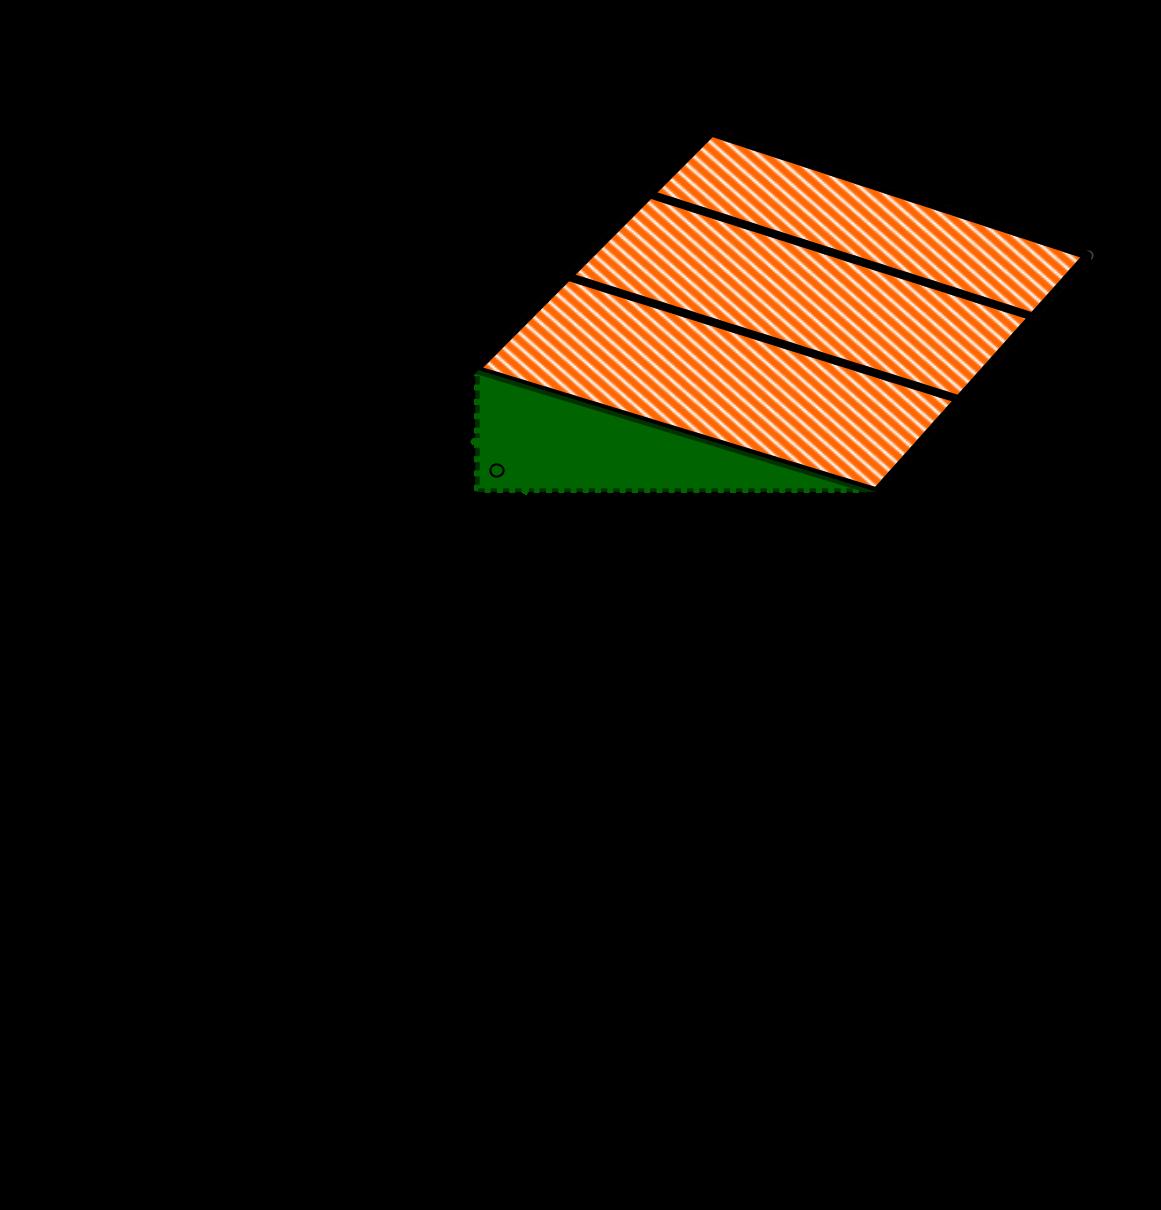 Seitenkante mit Pythagoras berechnen